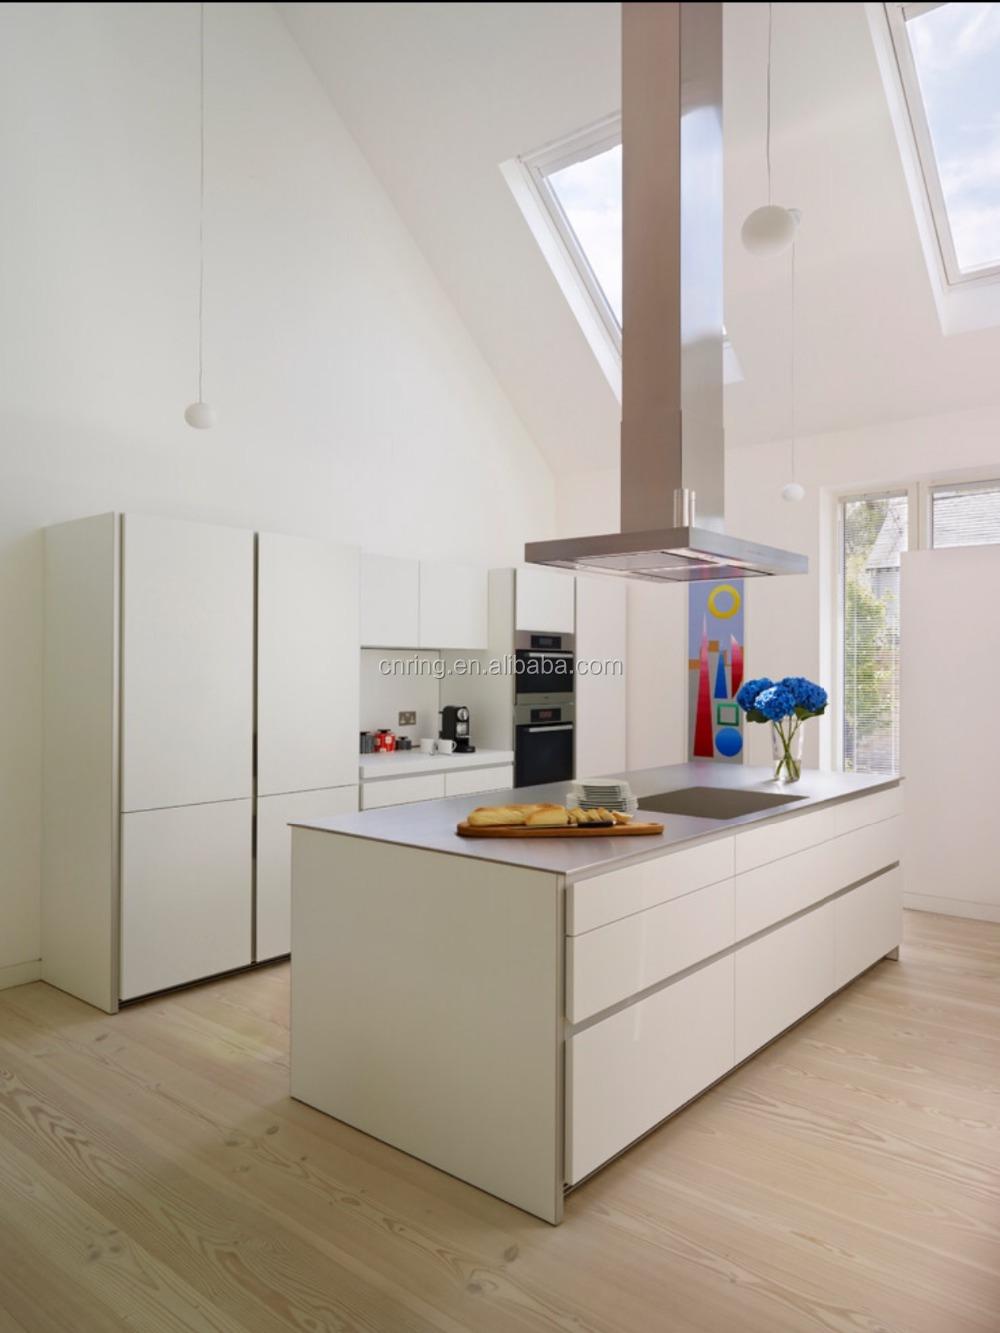 Tedesco armadio da cucina con push porta aperta senza maniglia ...